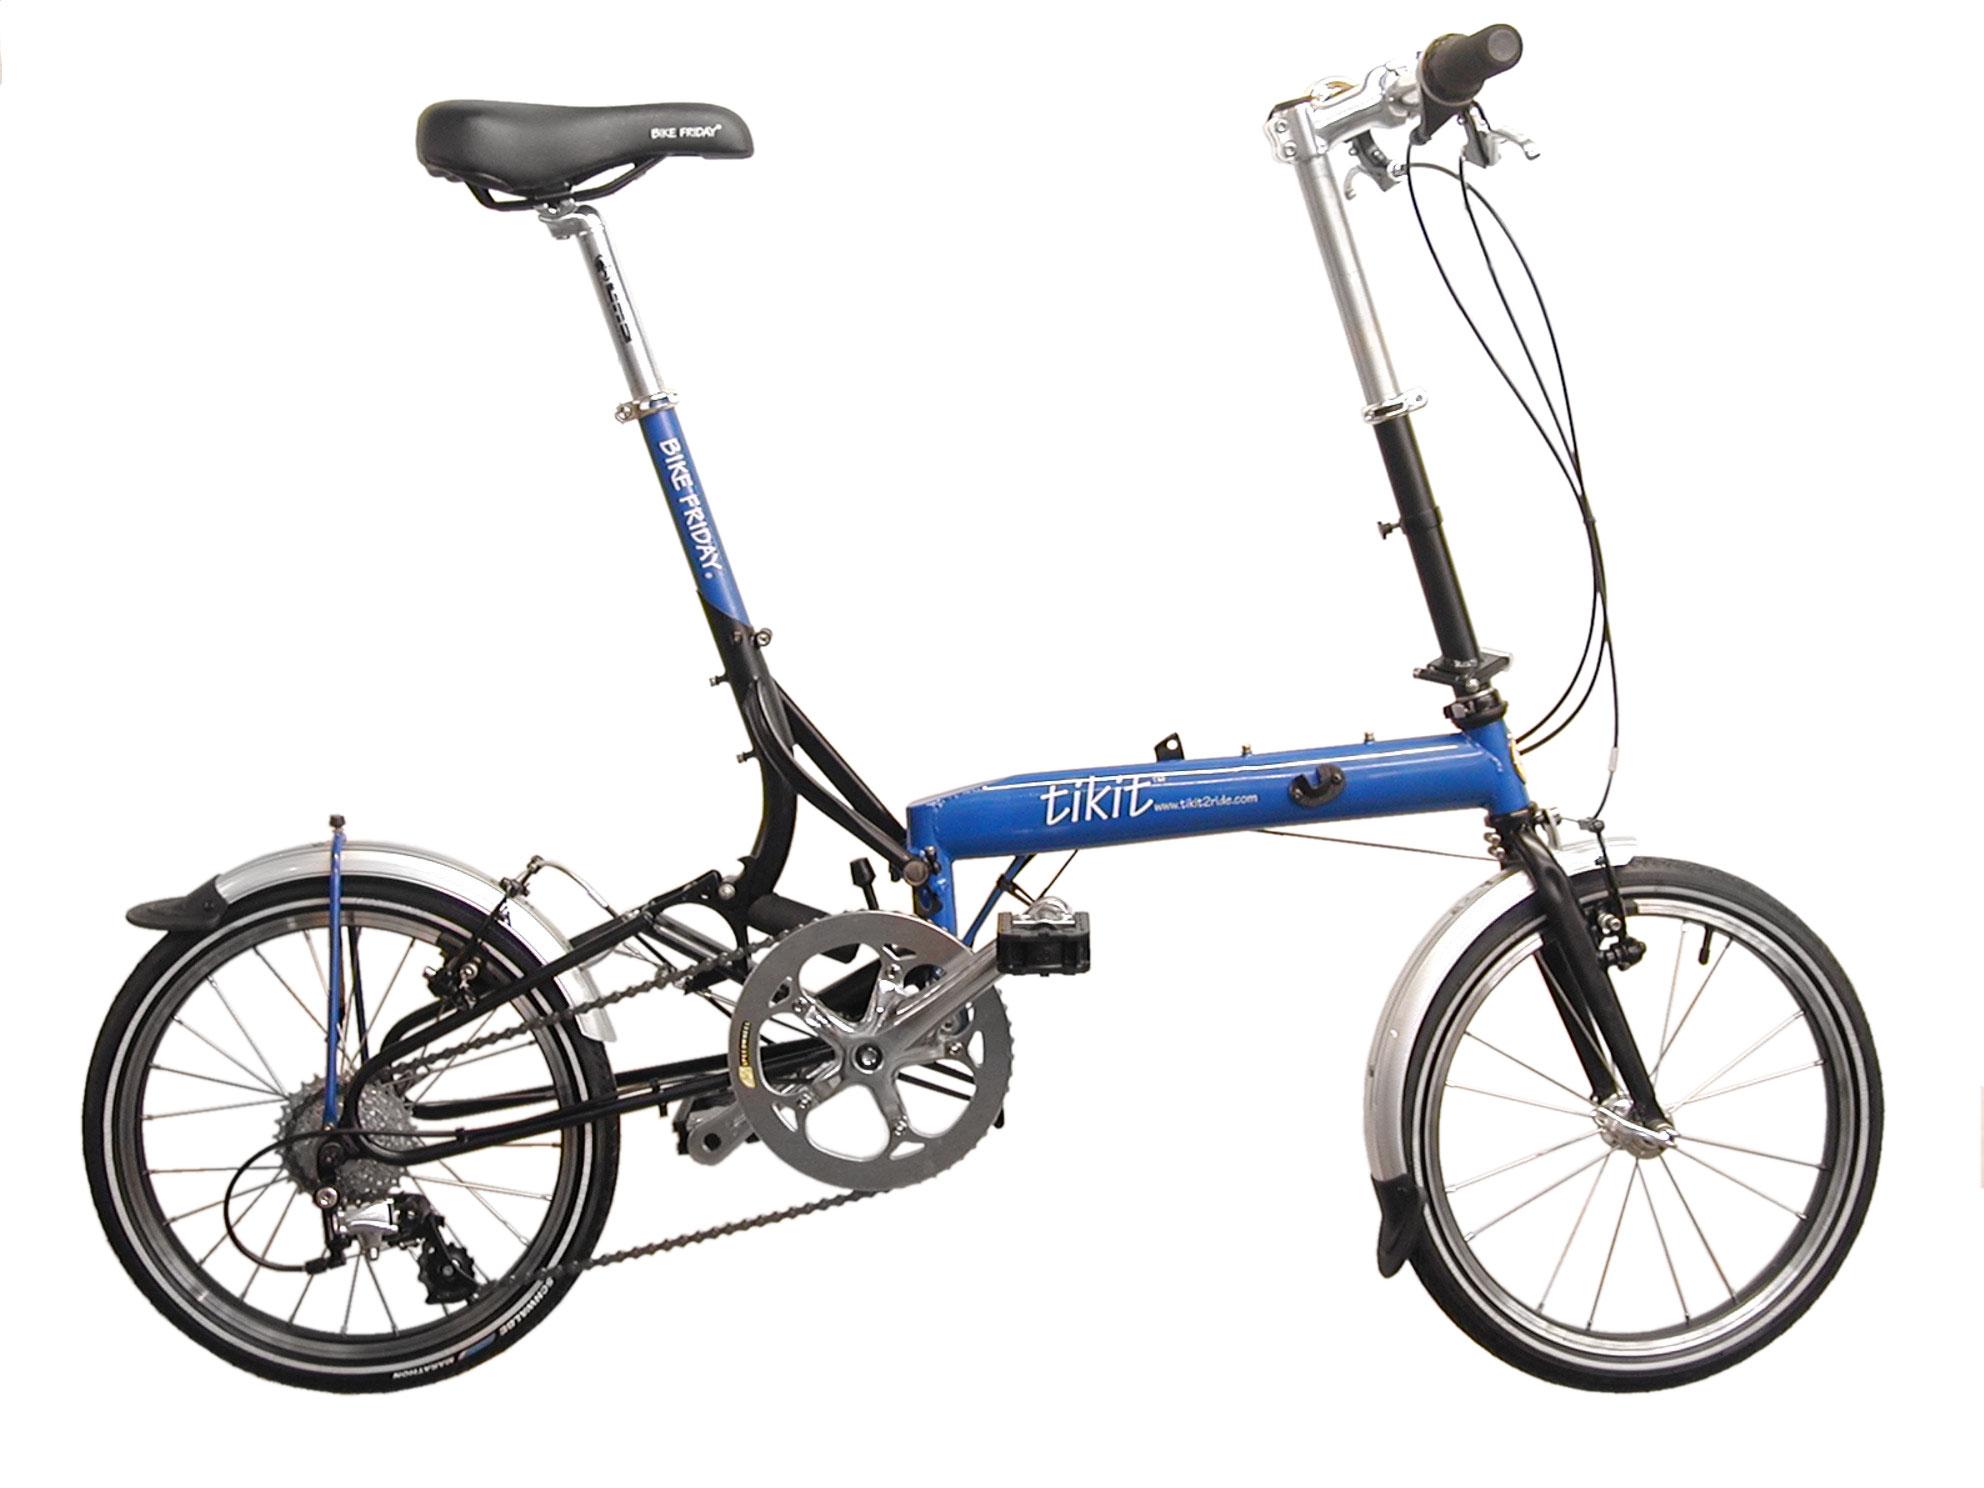 Bike Friday Tikit Bicycle